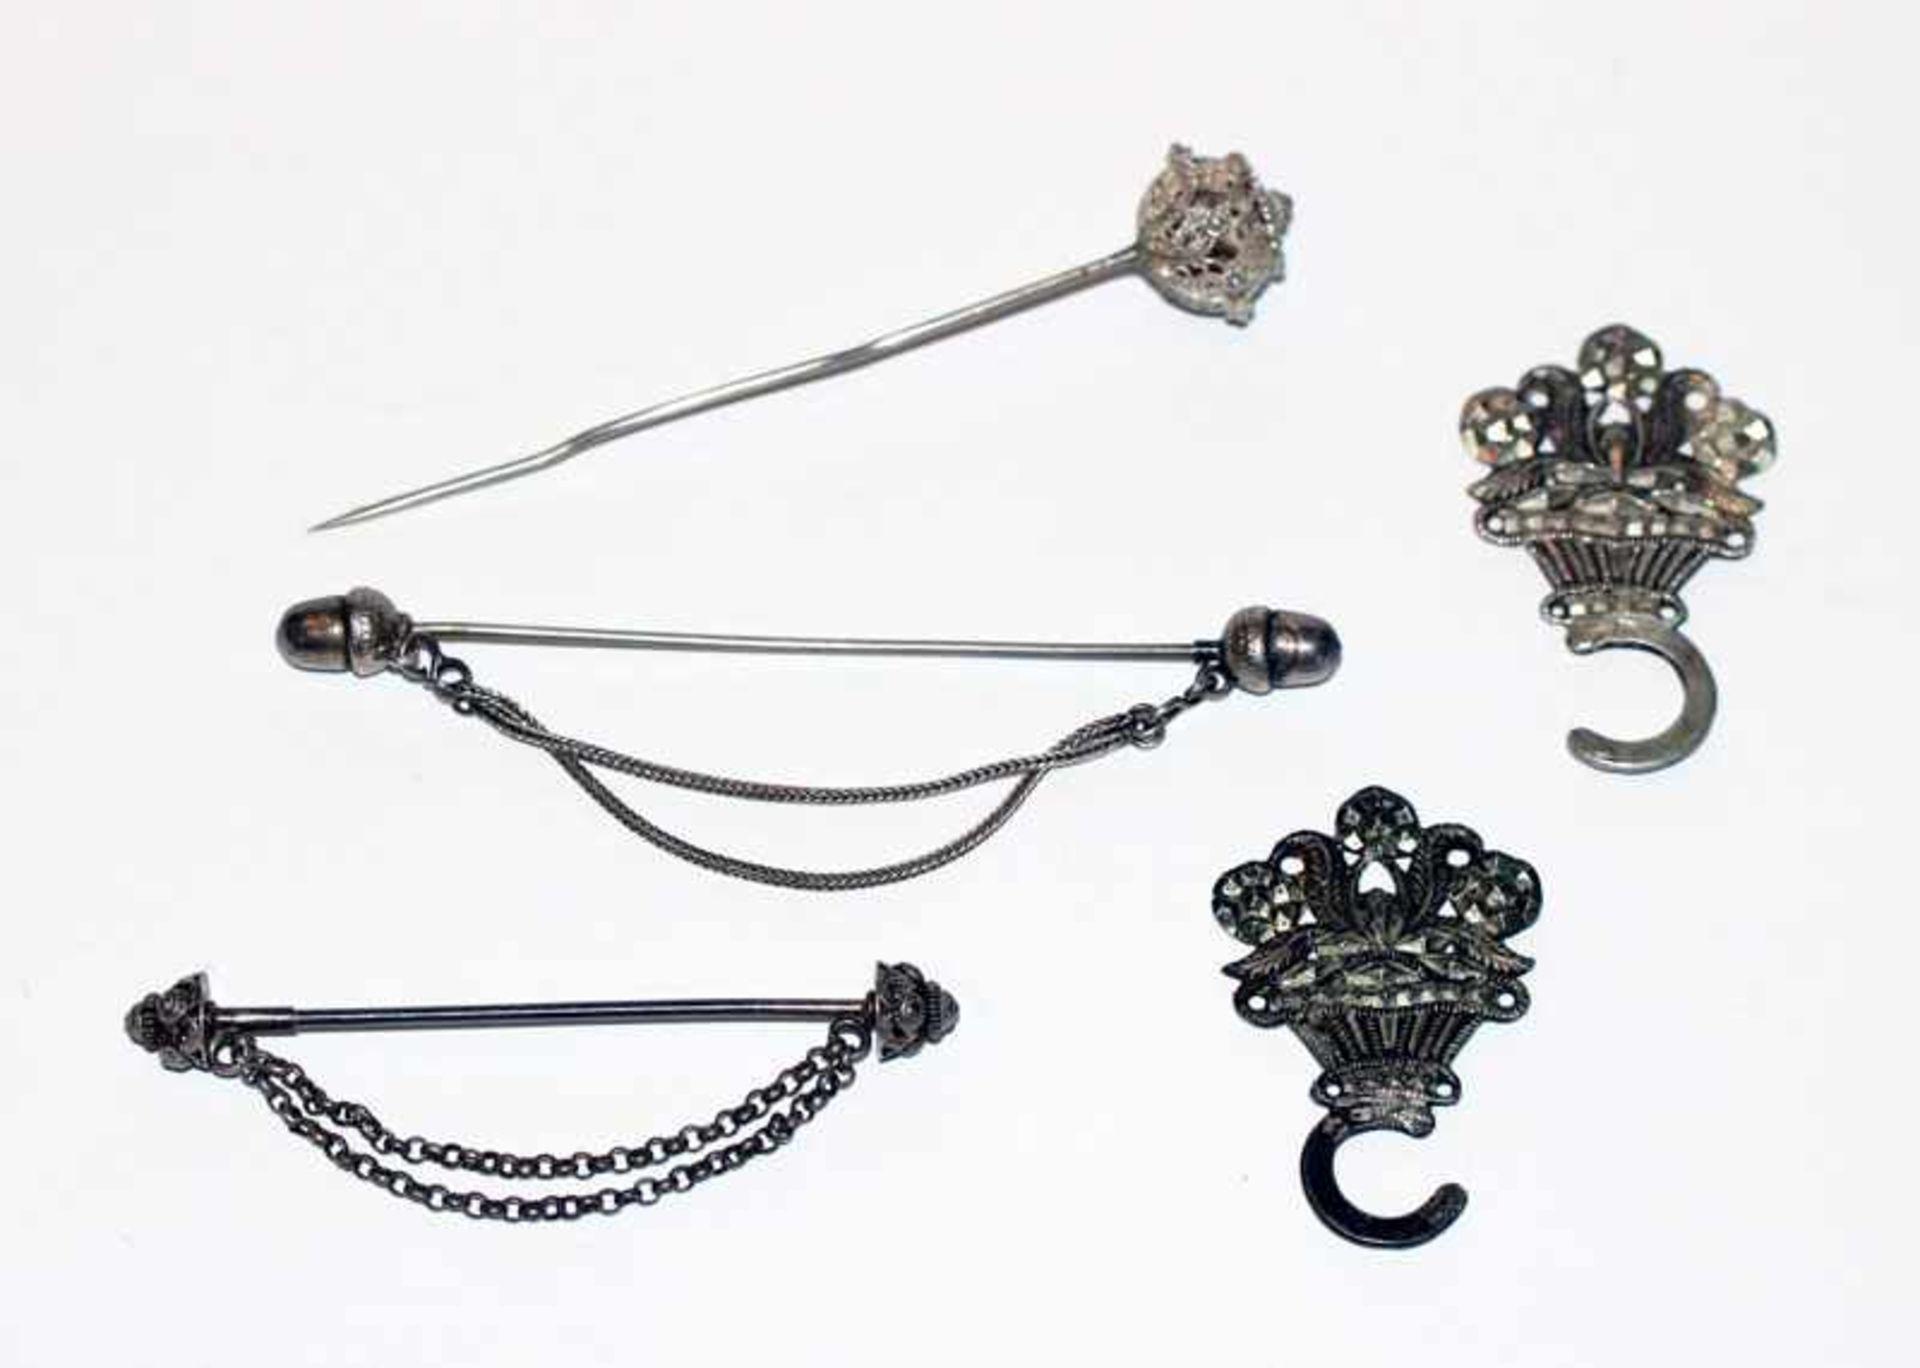 Los 42 - Silber Konvolut: 2 Miederhaken, 13 Lot Silber, 19. Jahrhundert, und 2 Schürzennadeln, B 7/9 cm und